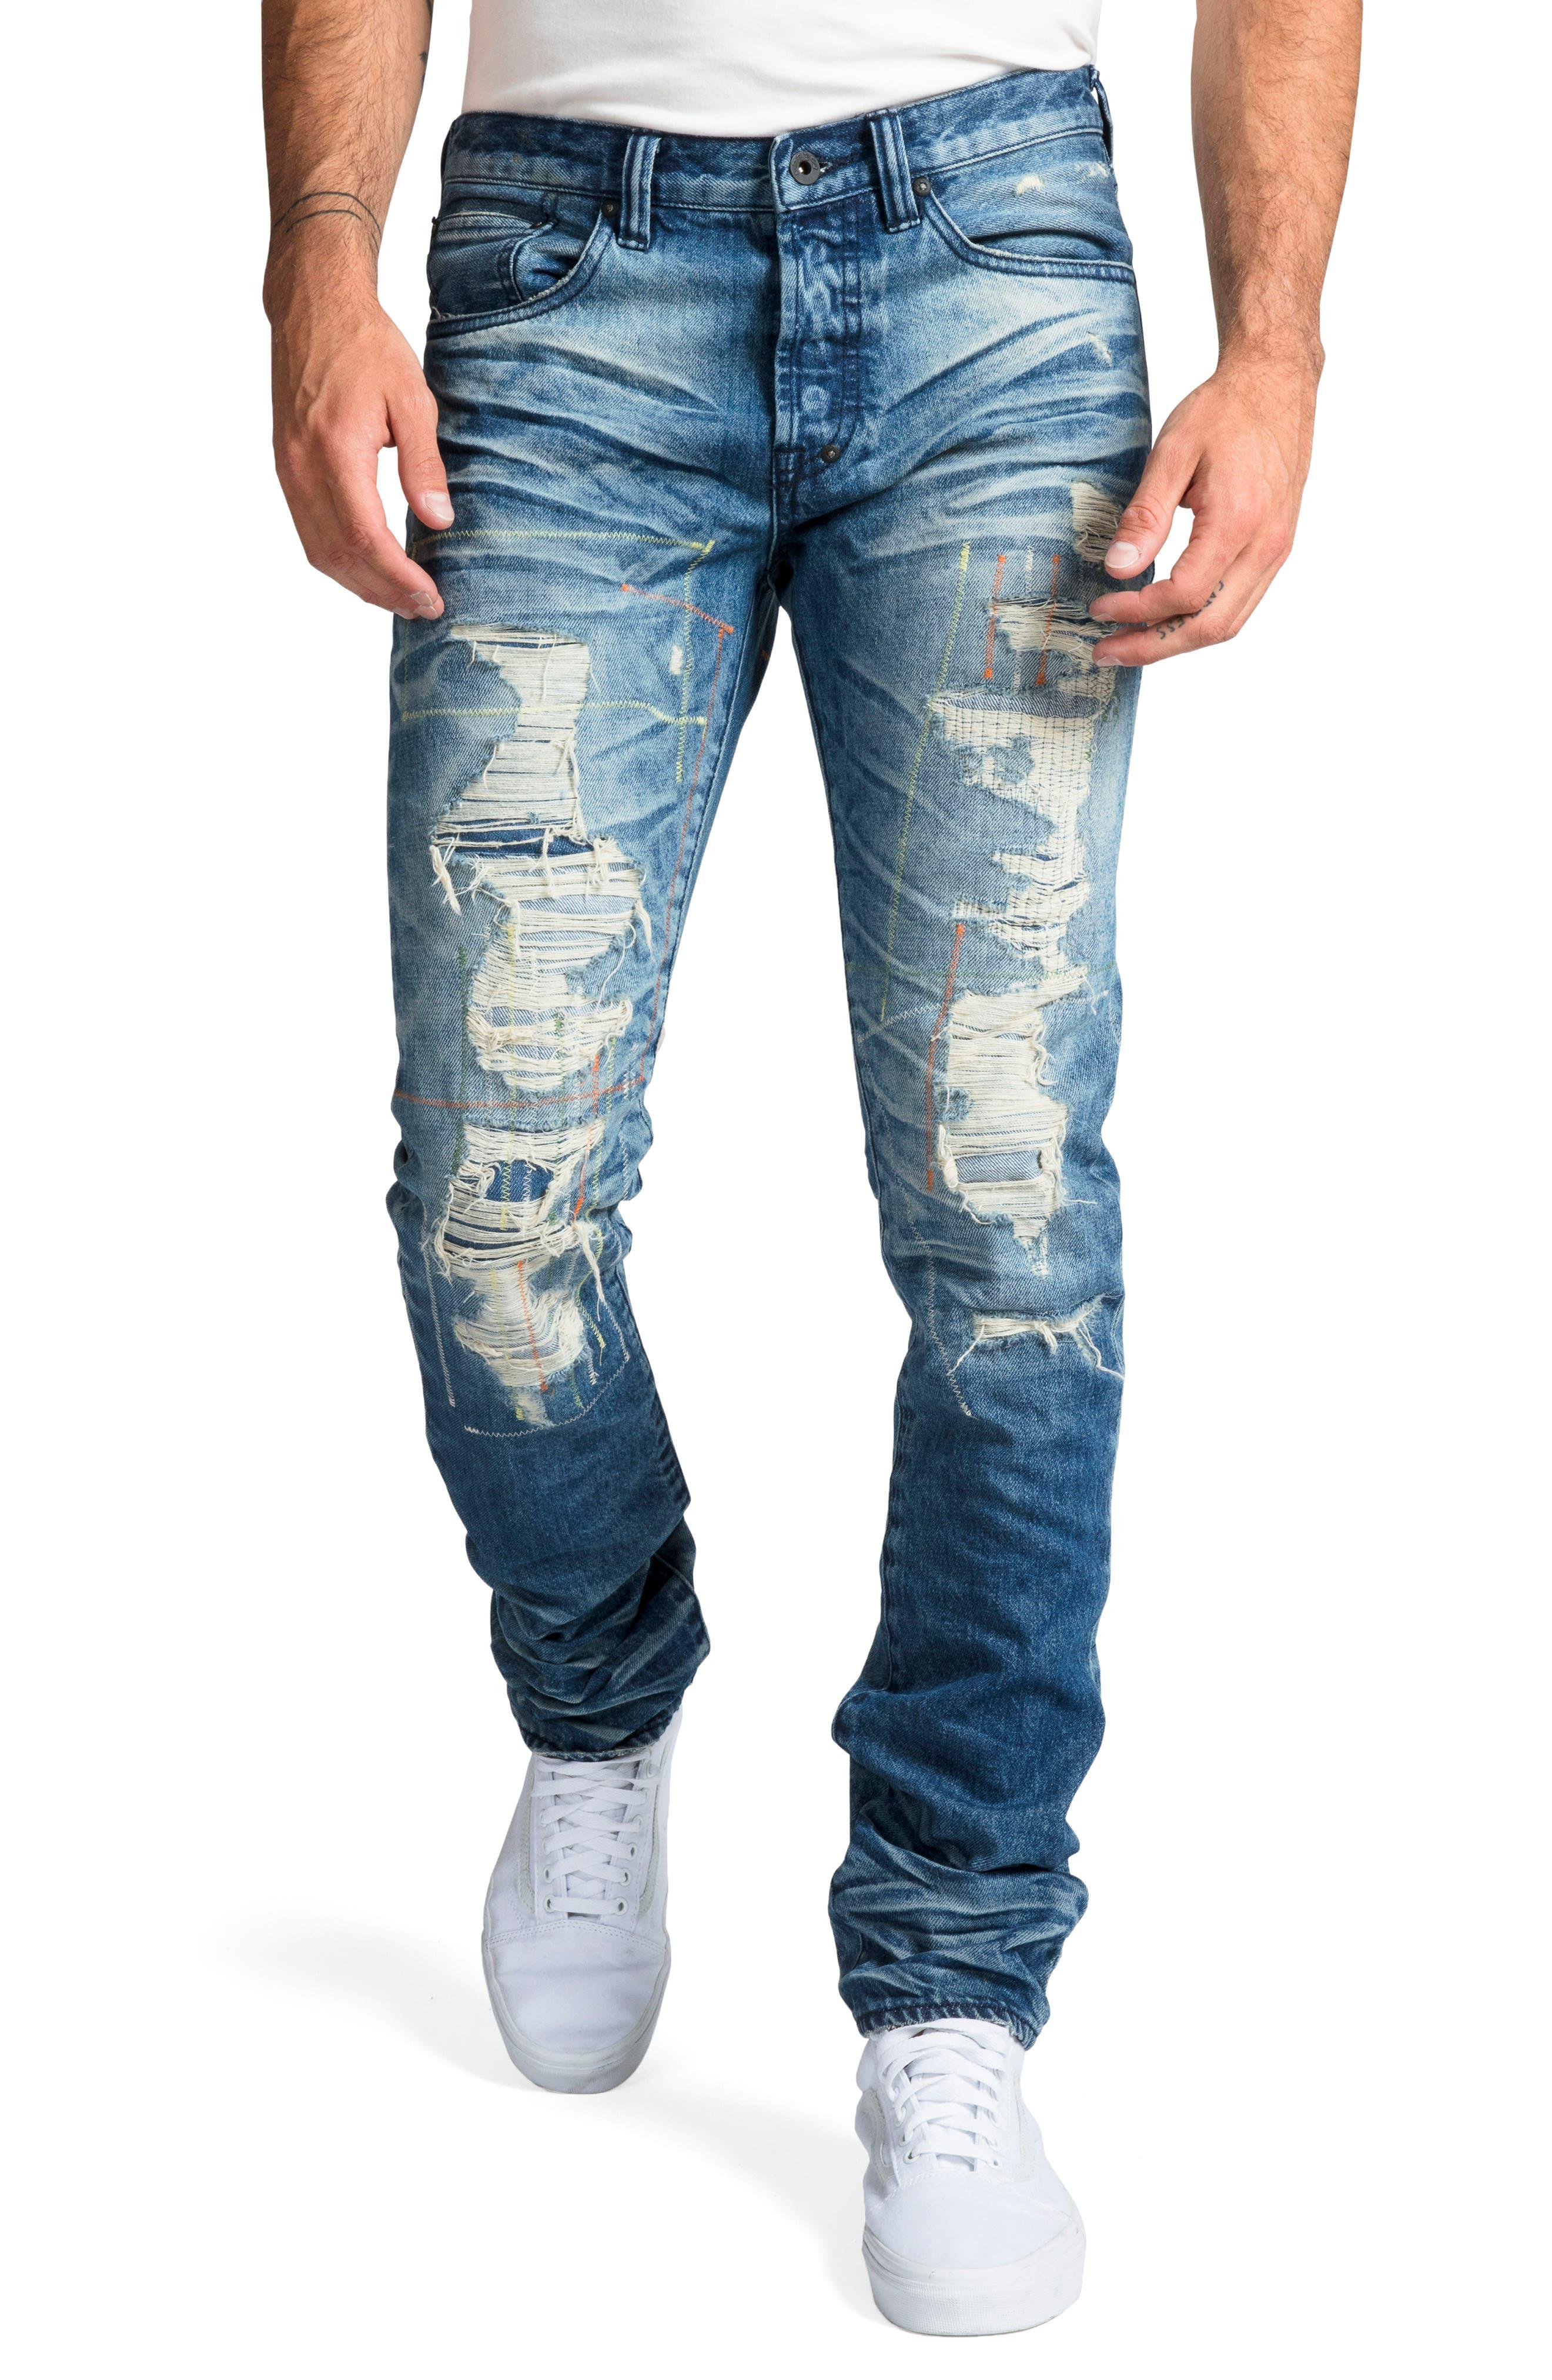 Le Sabre Slim Fit Jeans,                             Main thumbnail 1, color,                             COOING